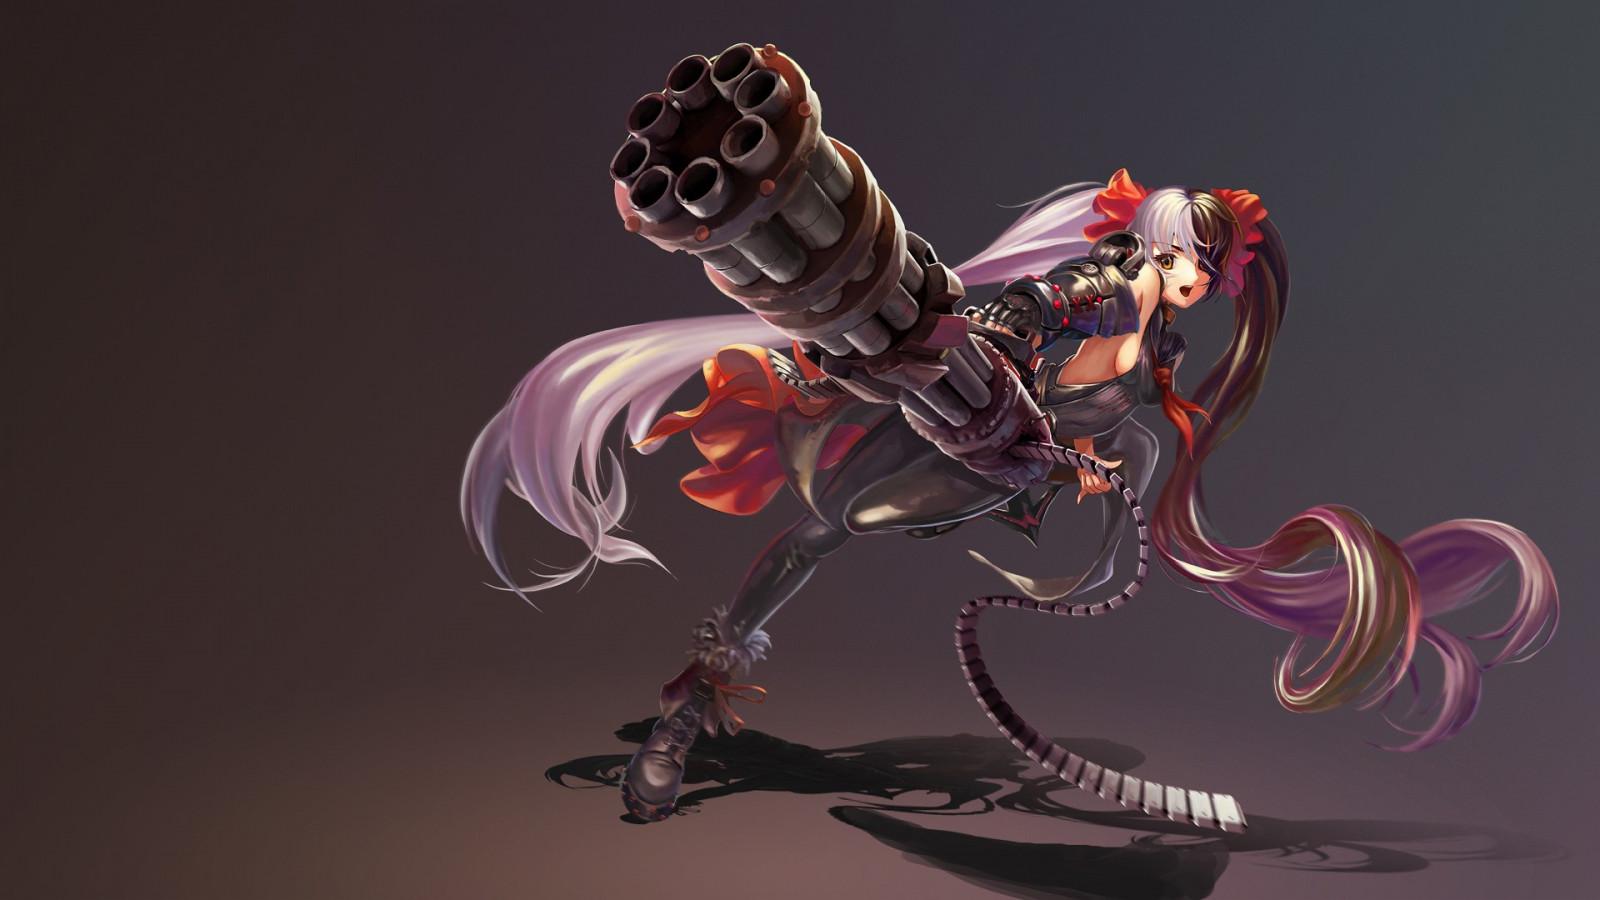 Wallpaper : illustration, anime girls, Blade Soul ...